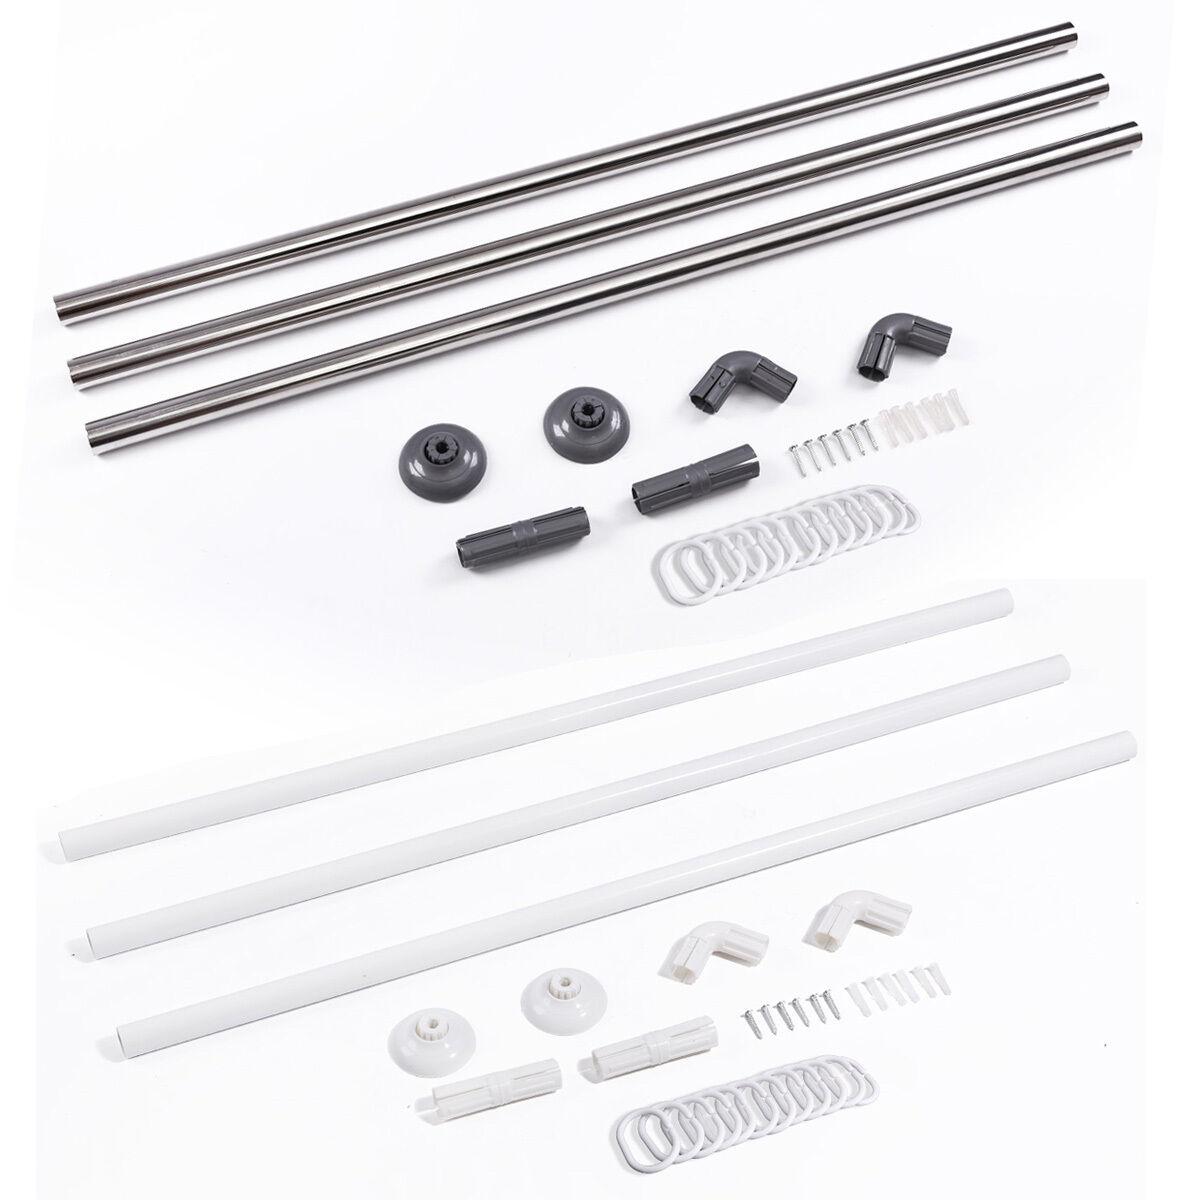 Stainless Steel Adjustable U L Shape Corner Shower Curtain Rod Pole Rail Track